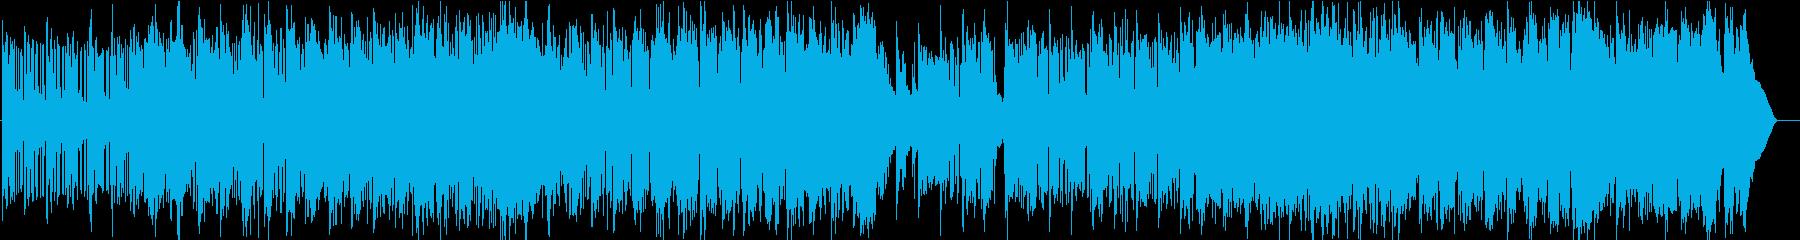 北欧の夜空にきらめく星たちのフルートの再生済みの波形